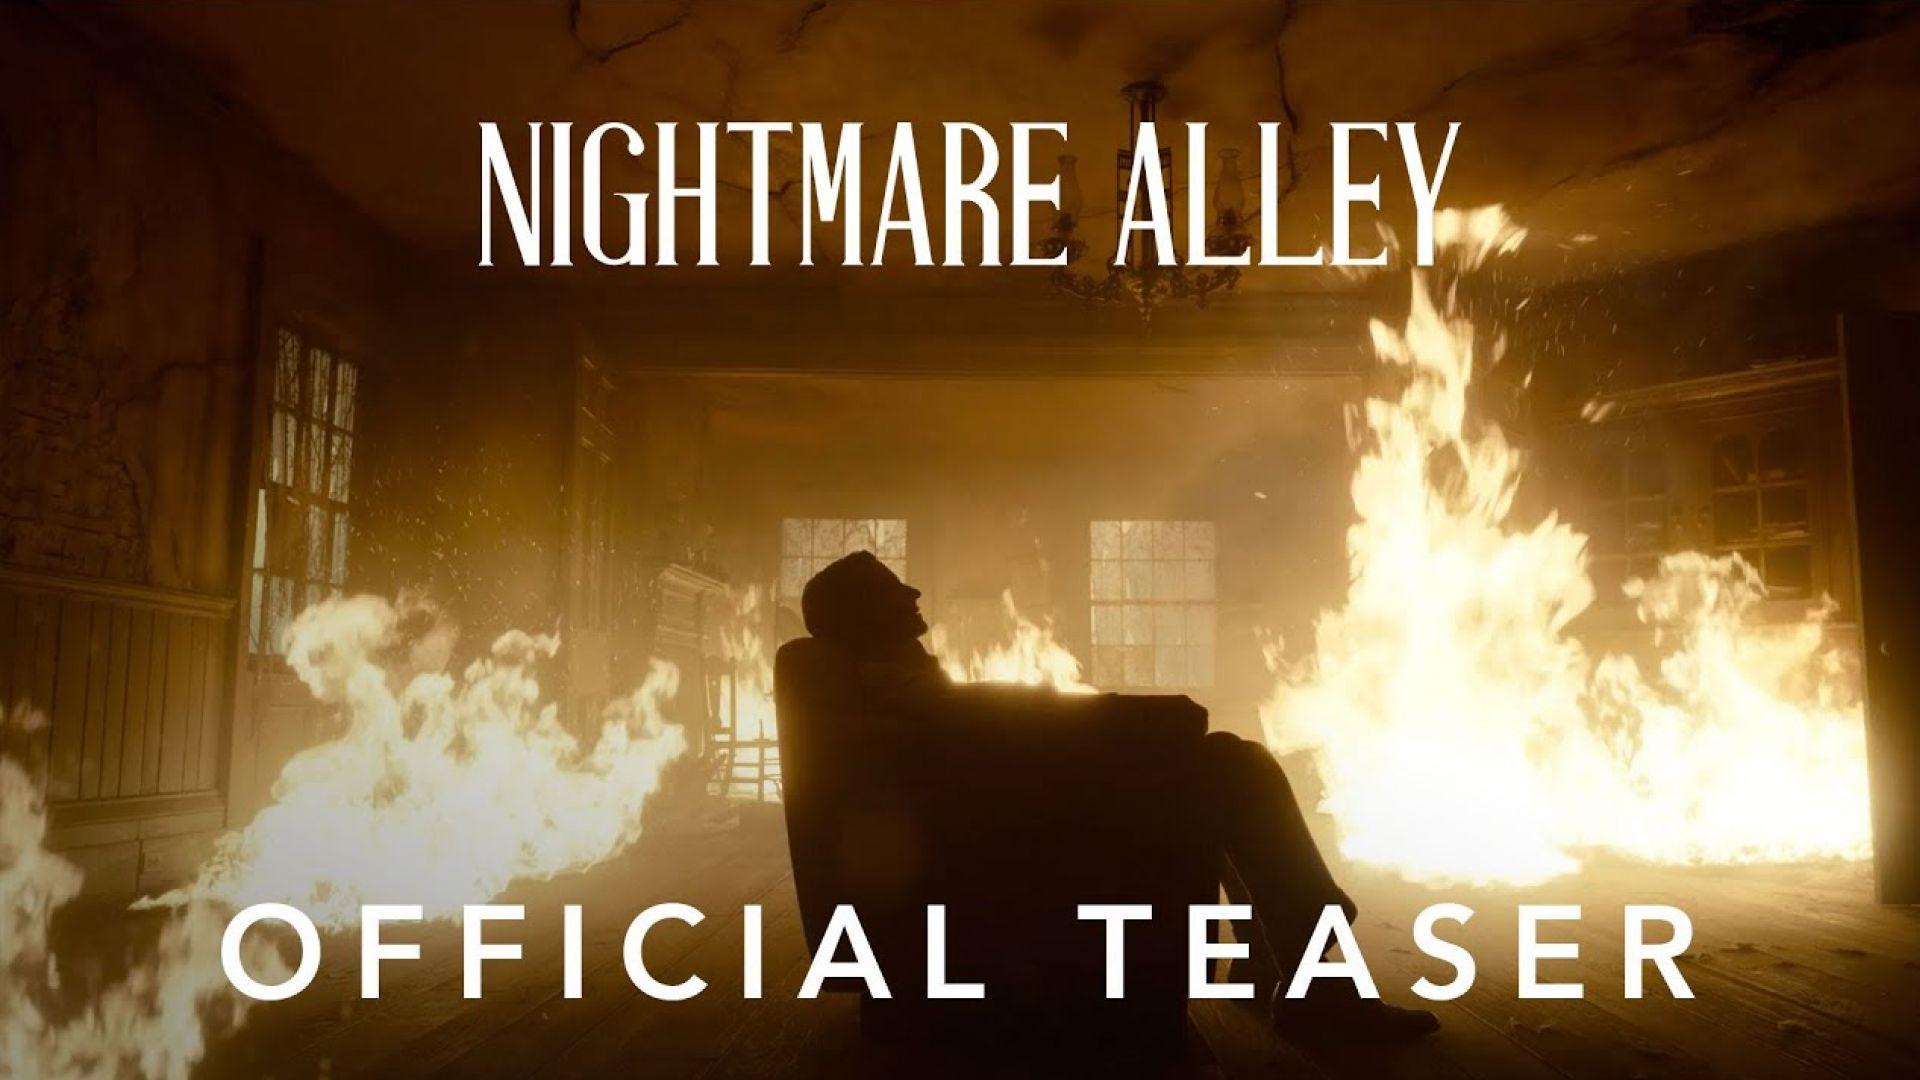 'Nightmare Alley' Trailer